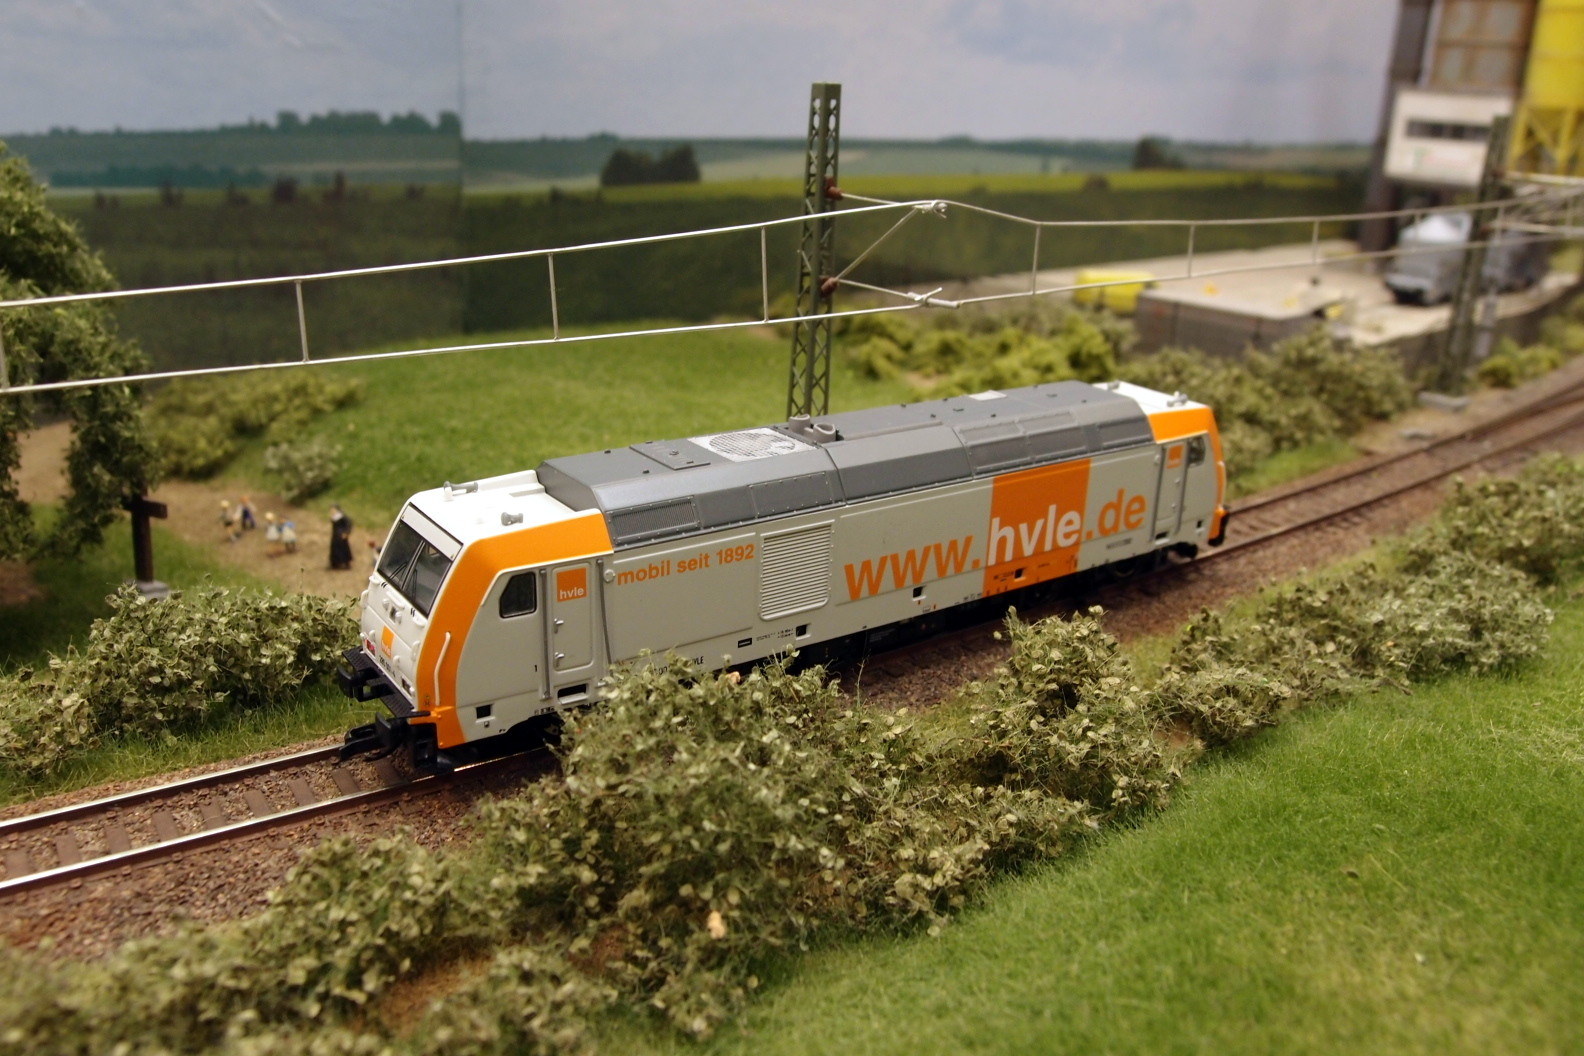 TT-Modulfreunde NRW